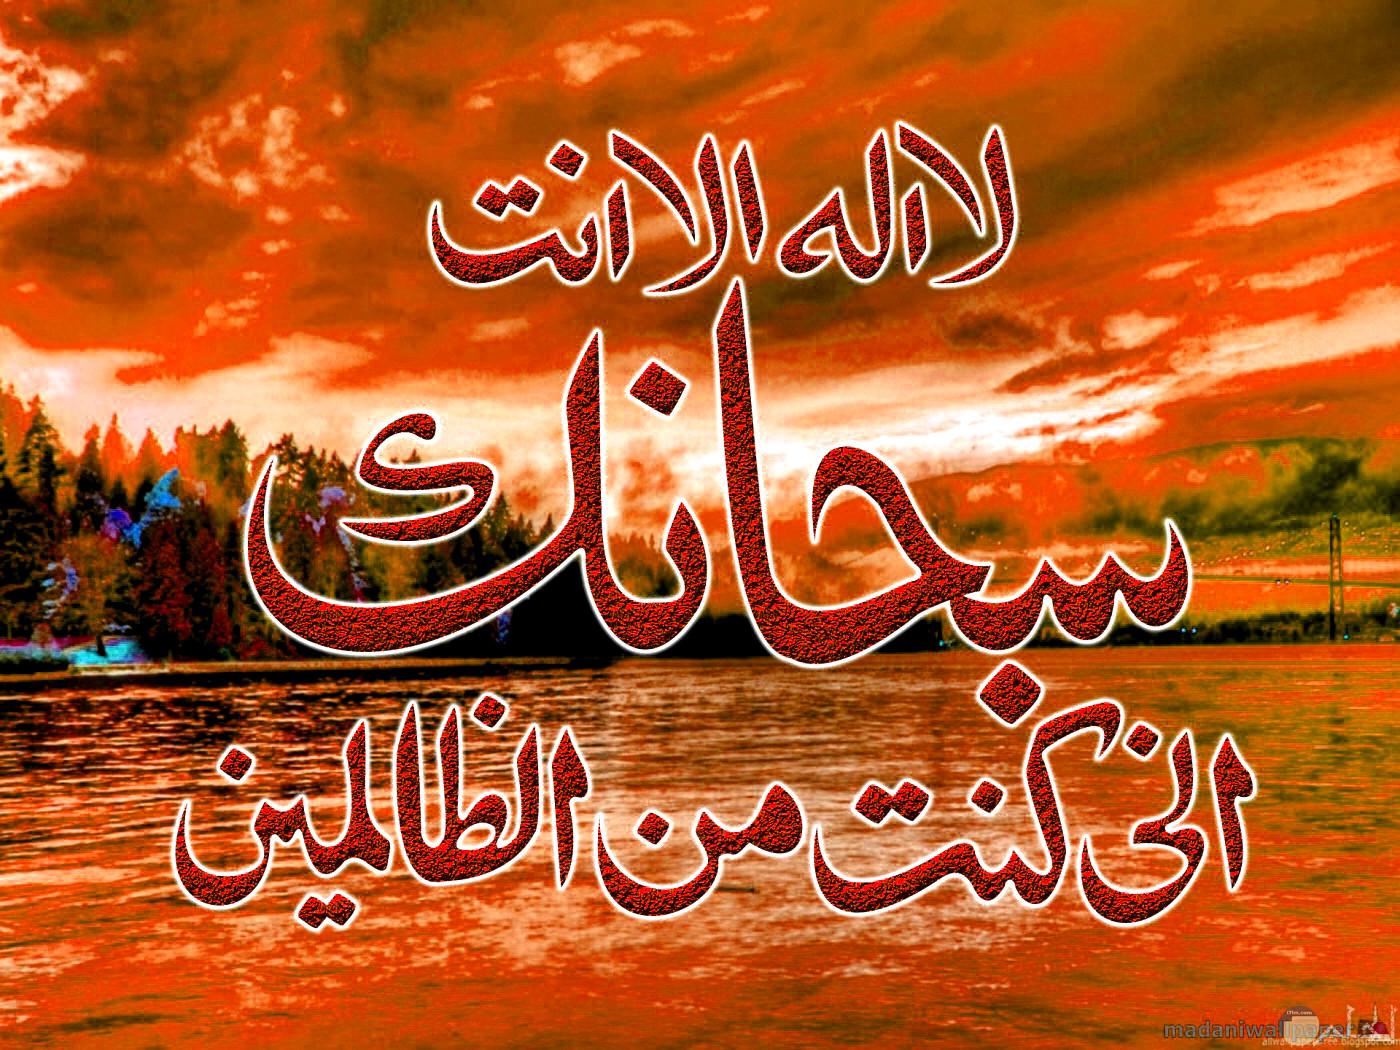 عبارات إسلامية رائعة